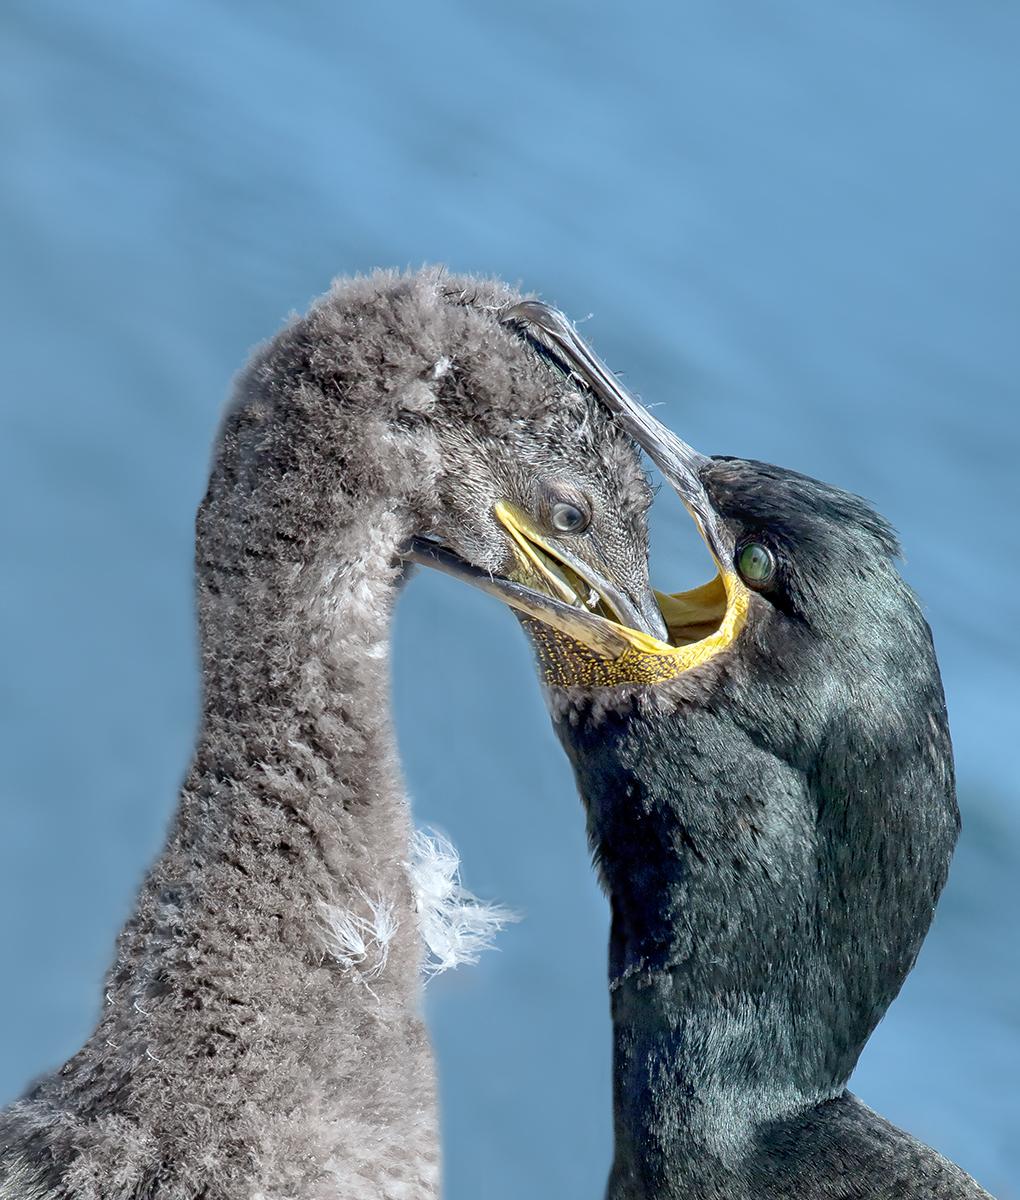 Shag feeding chick